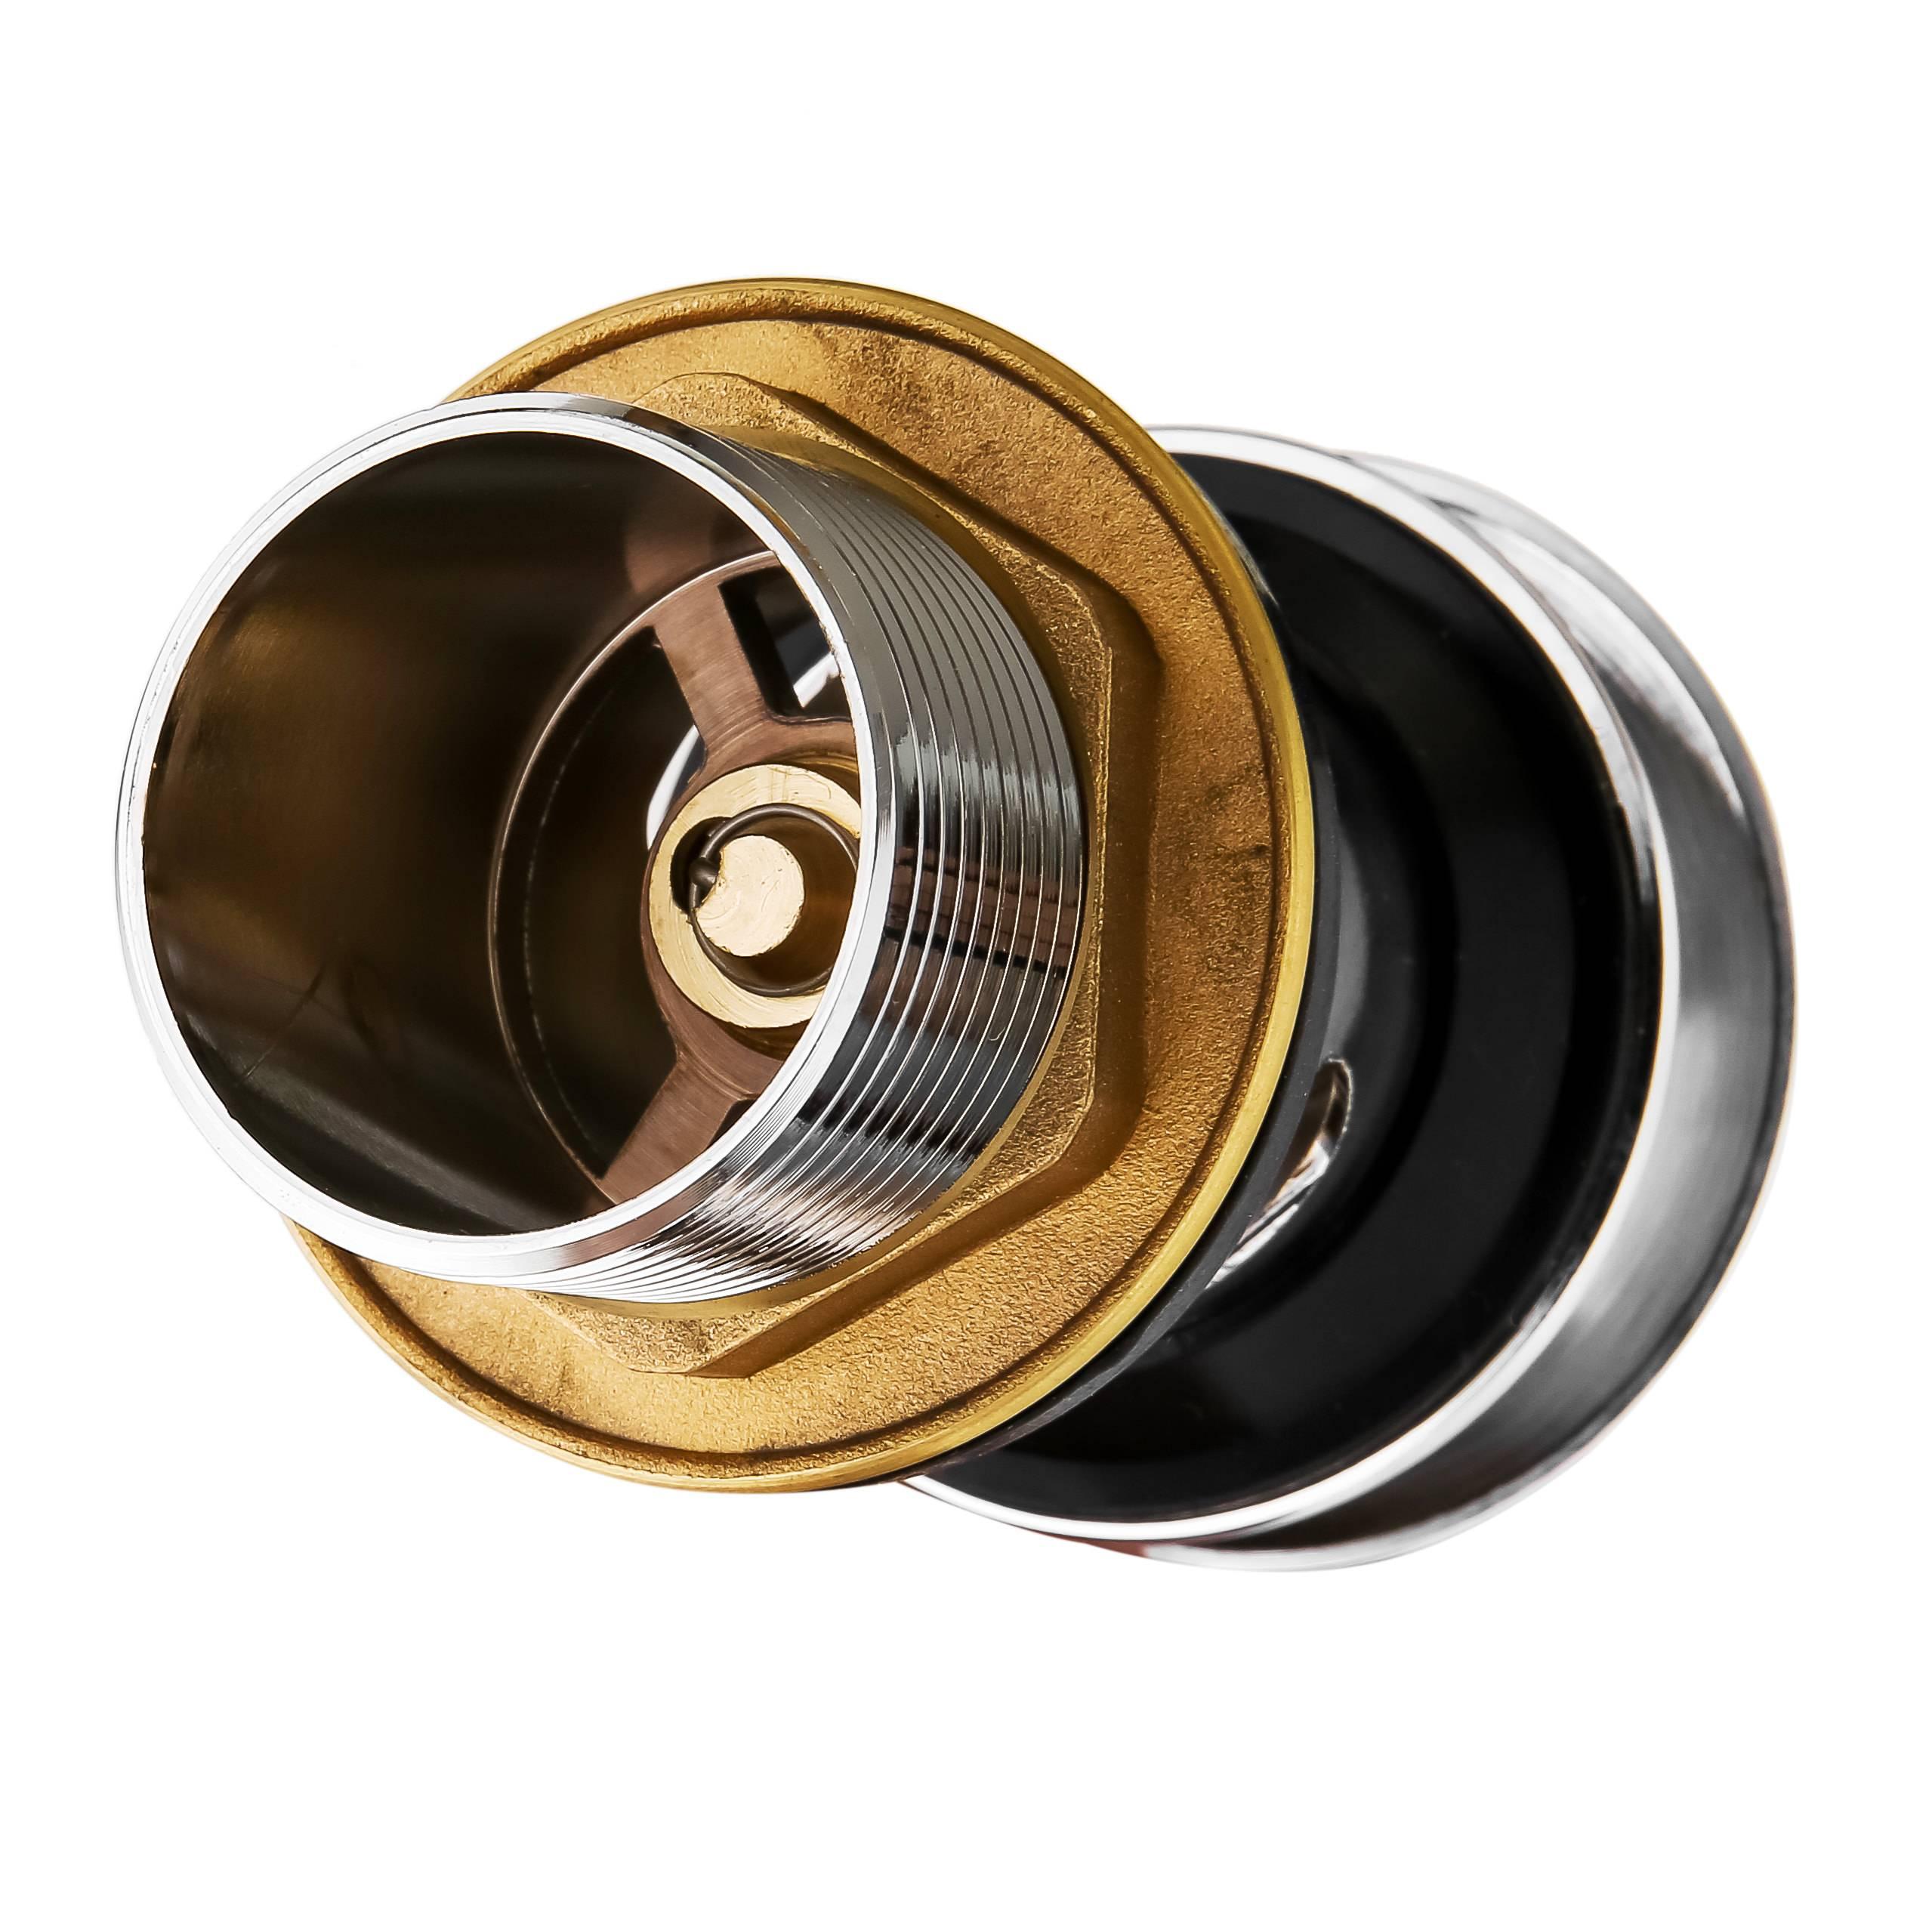 水鹿卫浴-配件-下水排水-浴室柜用全铜直下水器(带溢水口)-需搭配下水管使用